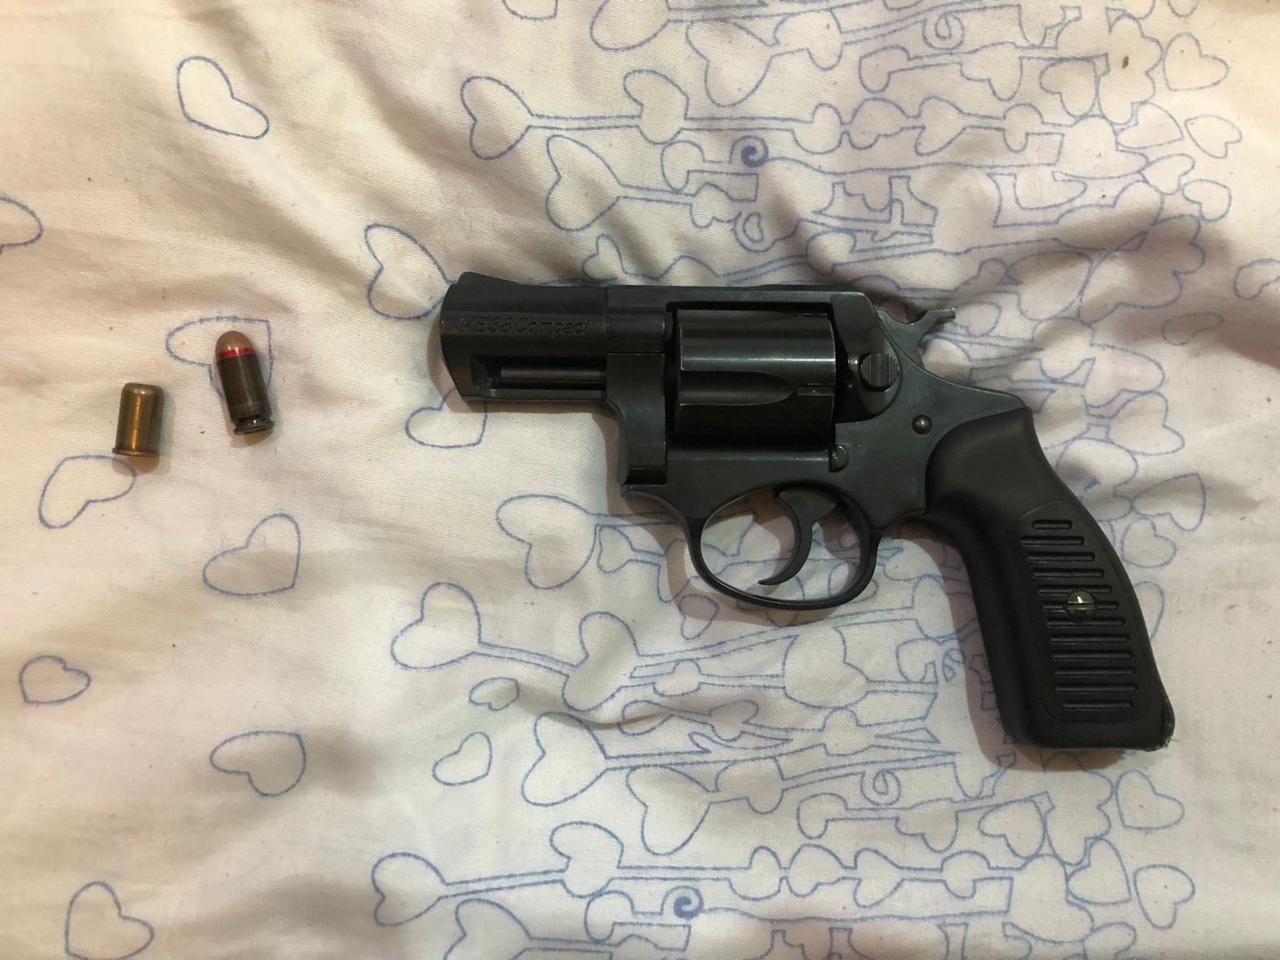 В Актау полиция задержала мужчин с наркотиками и оружием, фото-1